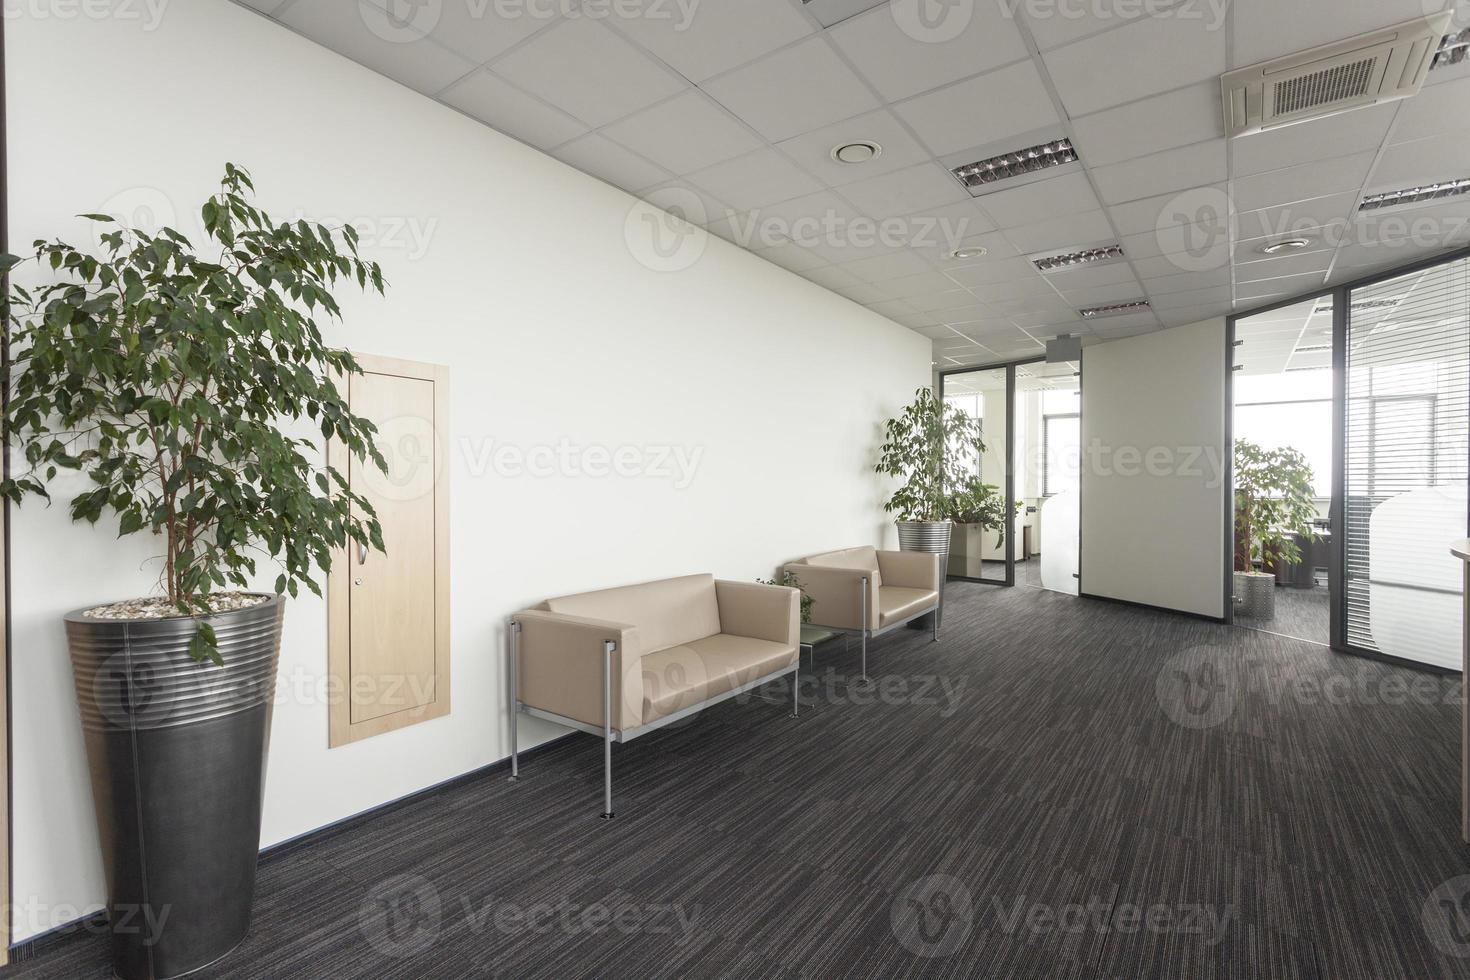 un grand bureau avec un design intérieur moderne et des canapés photo